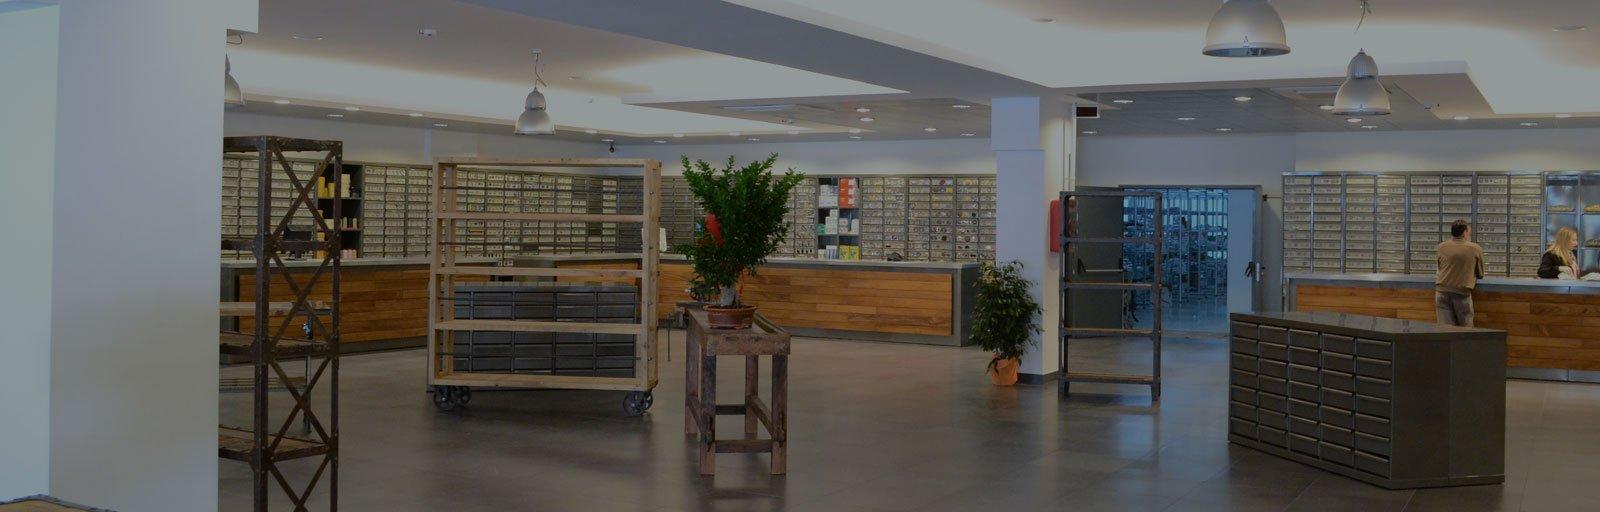 areco_design_arredi_commerciali_negozi